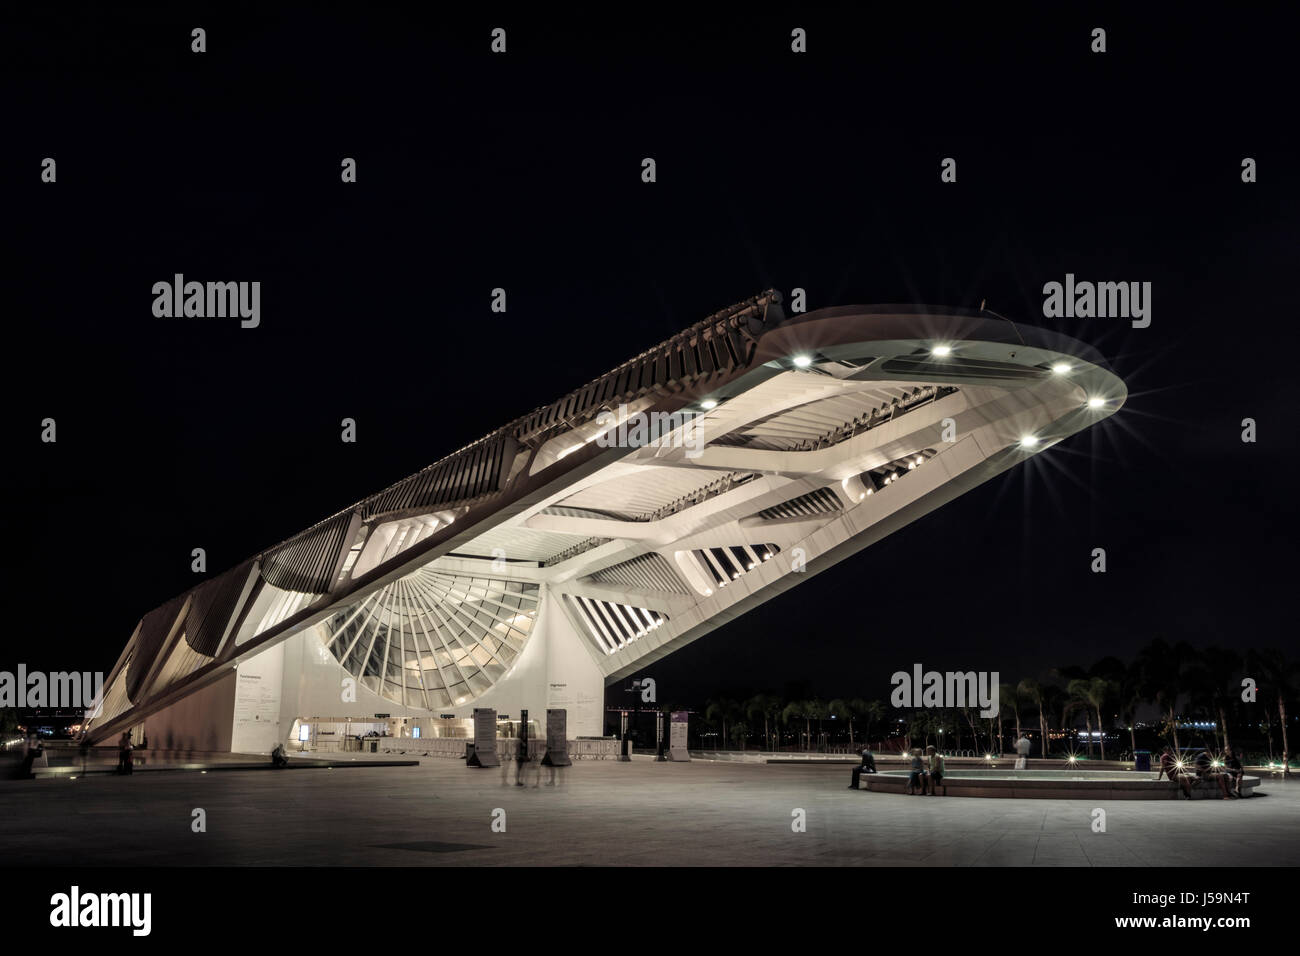 Museum of Tomorrow, Rio de Janeiro - Stock Image